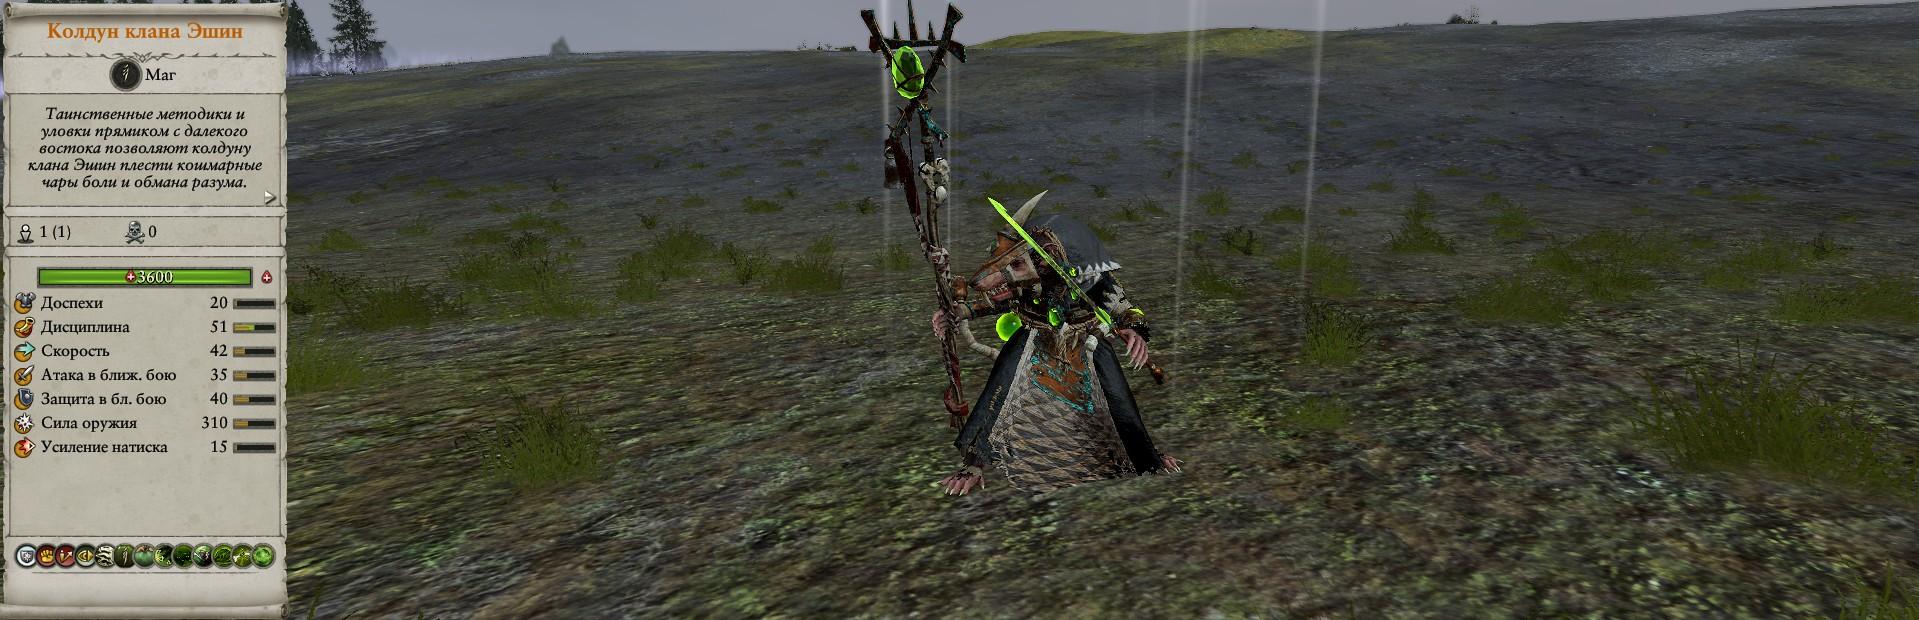 Колдун клана Эшин warhammer